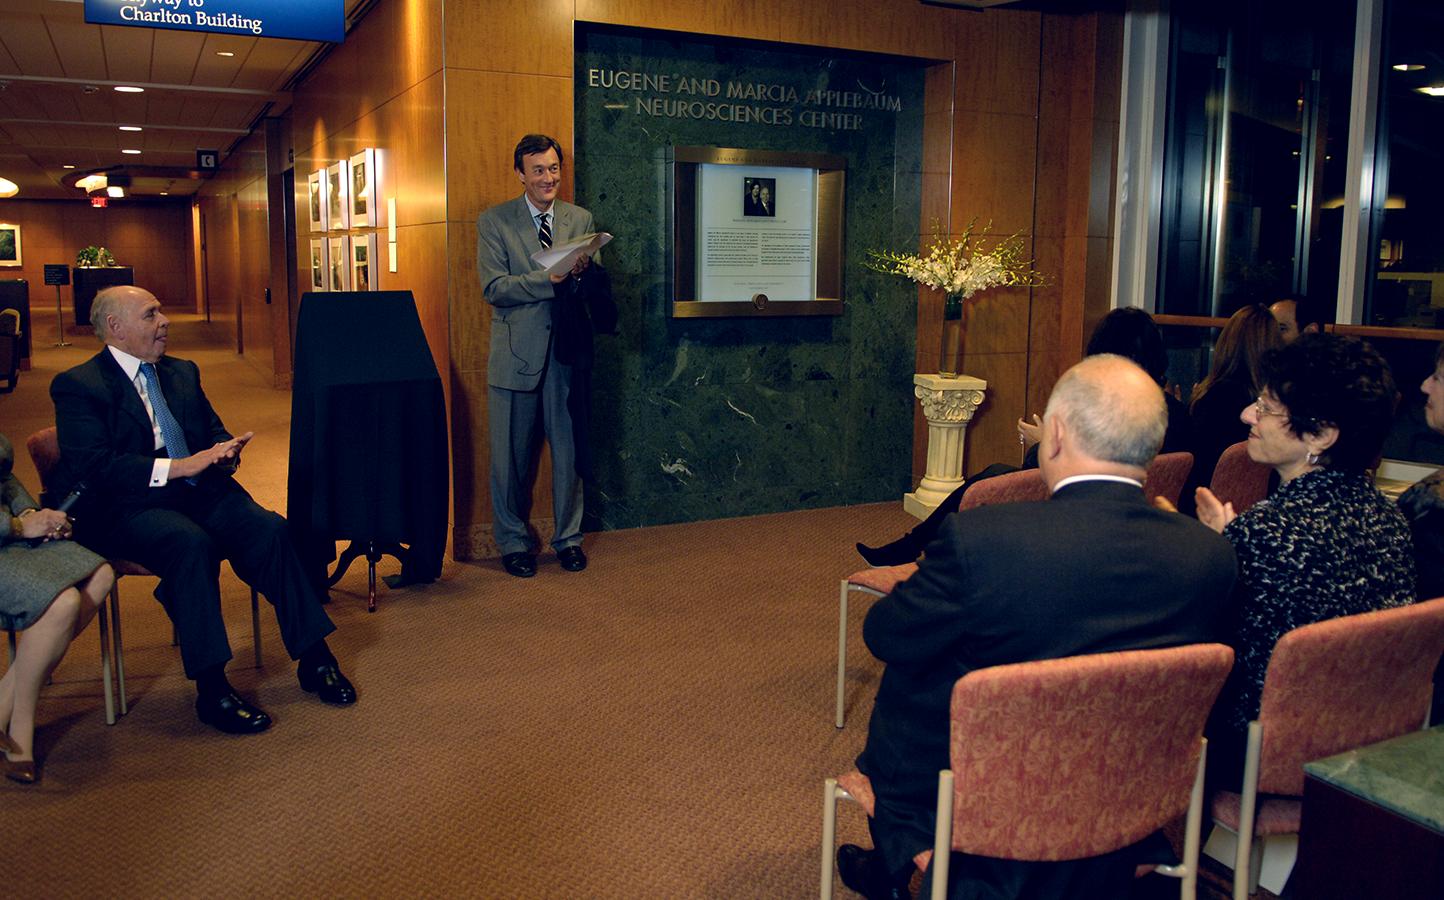 Mayo Clinic Philanthropy | The Legacy of Eugene Applebaum